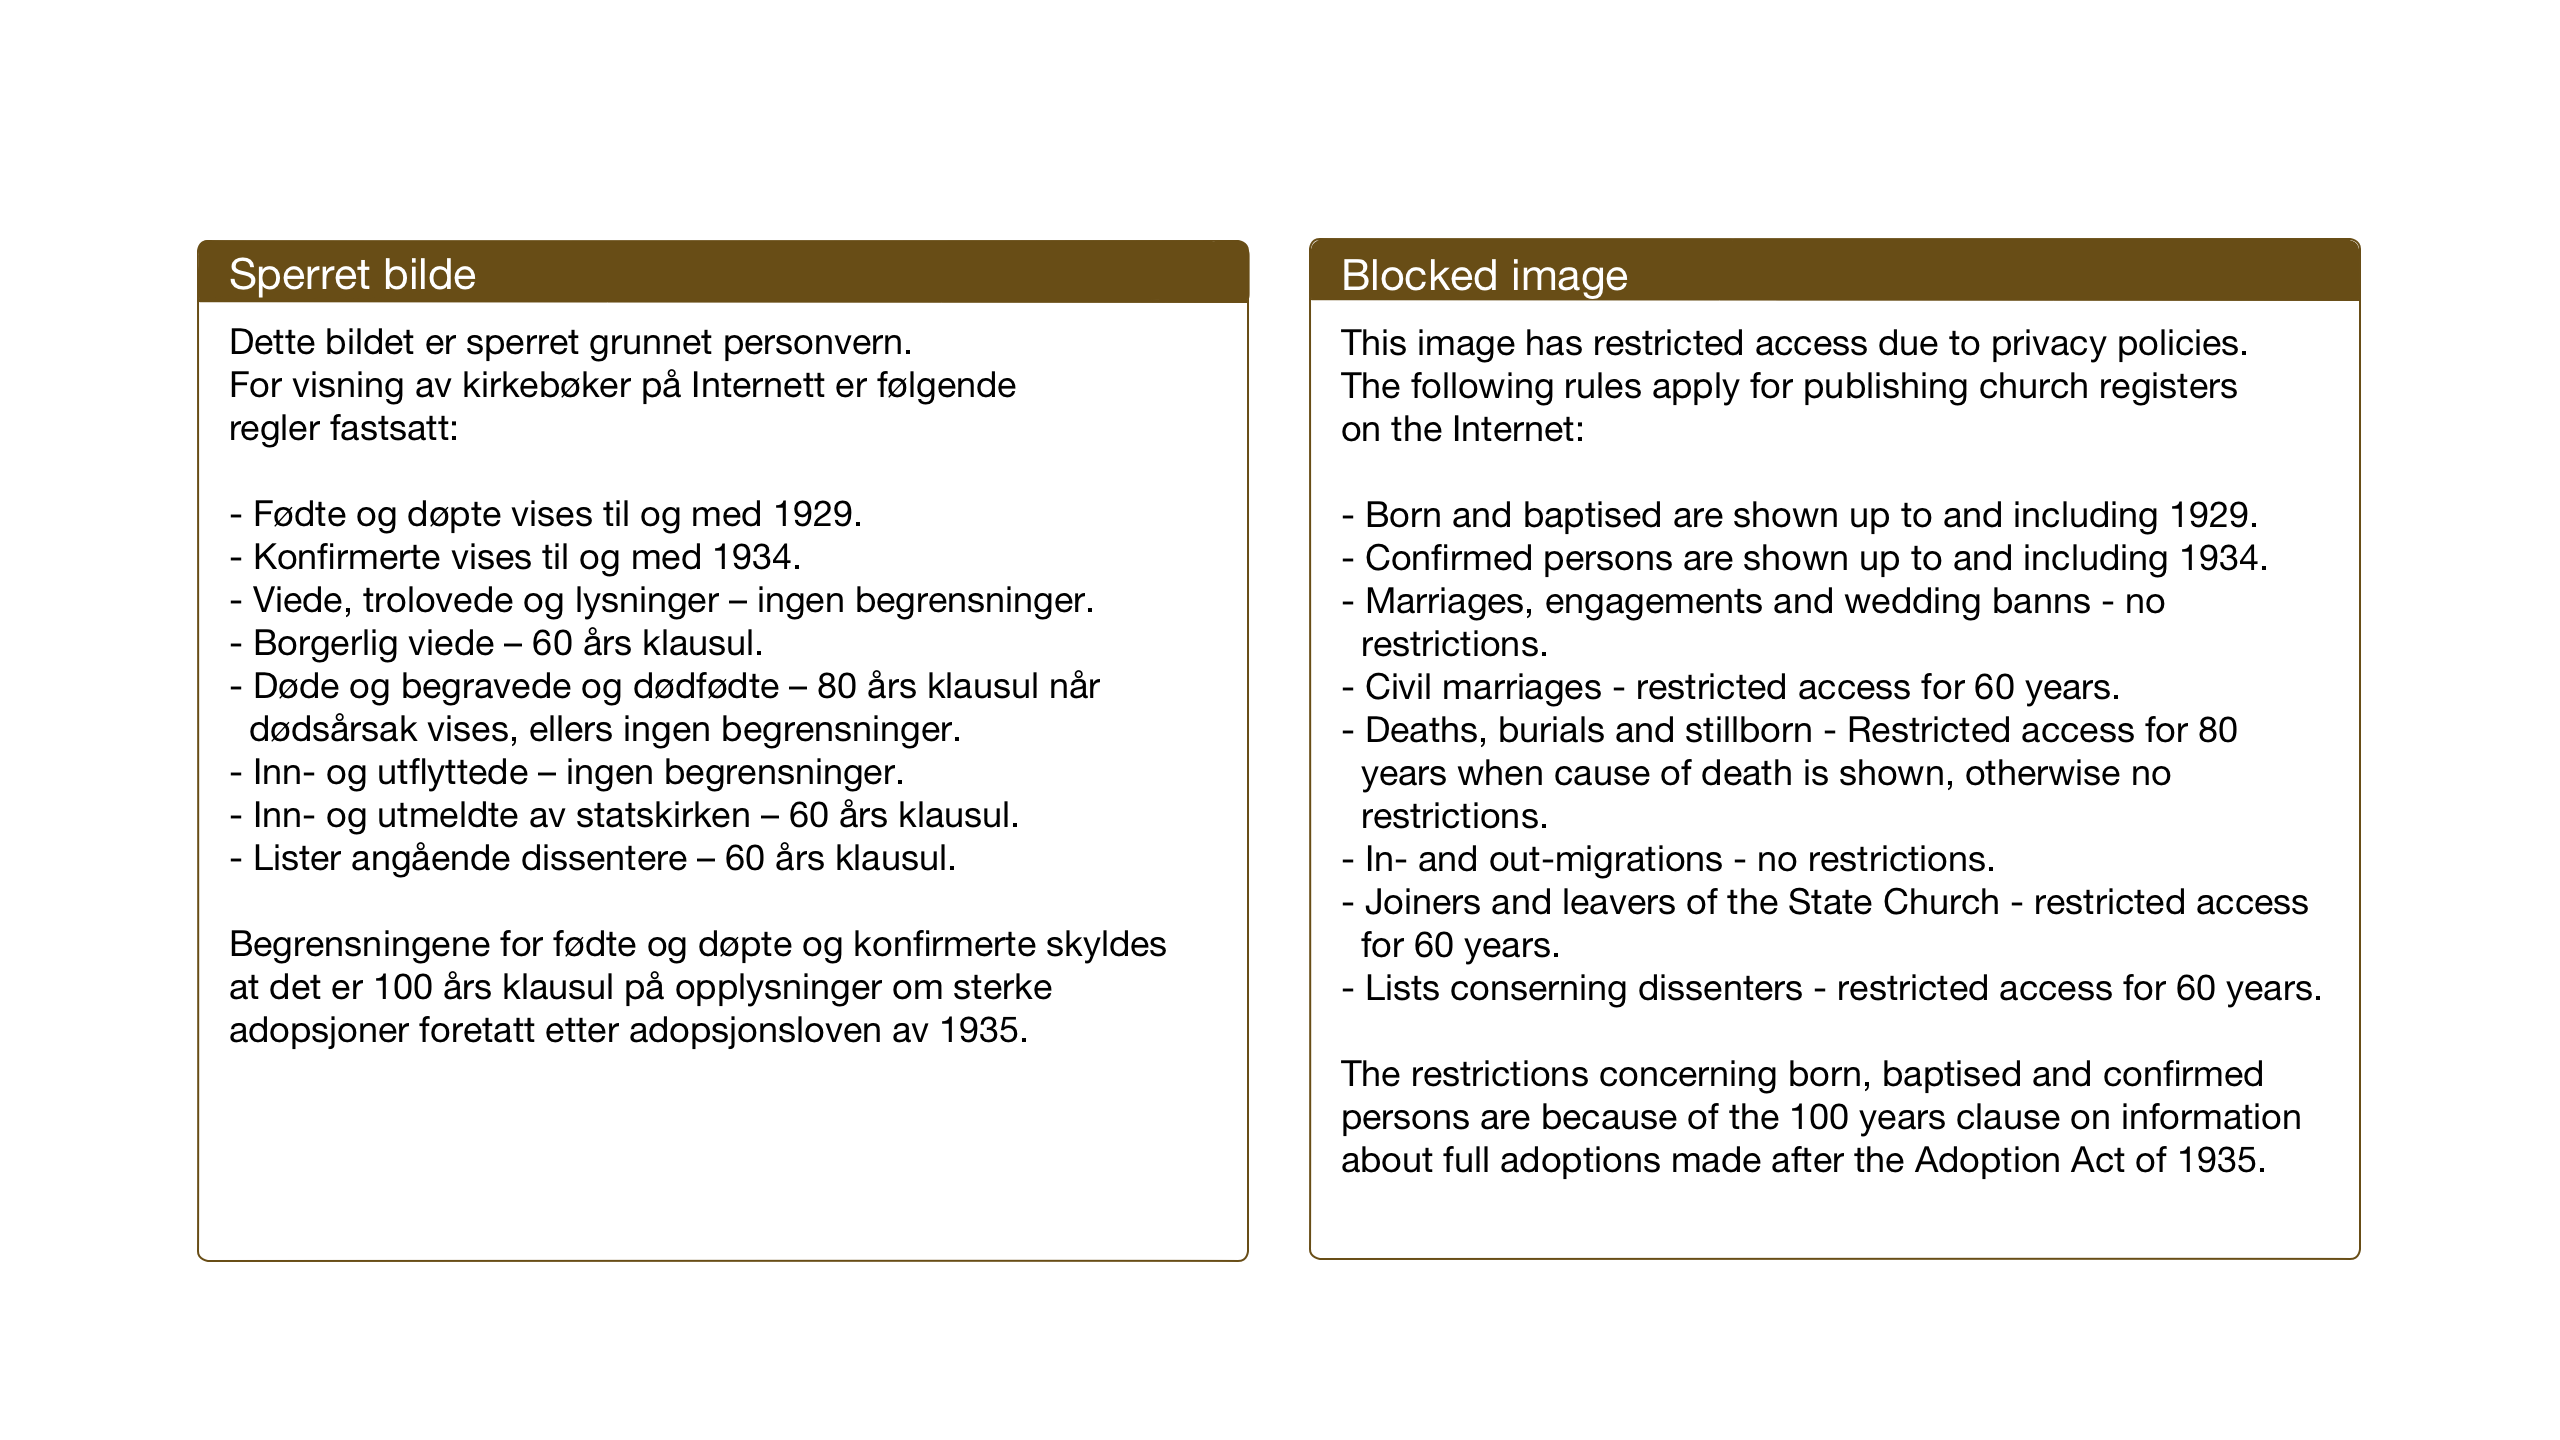 SAT, Ministerialprotokoller, klokkerbøker og fødselsregistre - Sør-Trøndelag, 603/L0174: Klokkerbok nr. 603C02, 1923-1951, s. 218